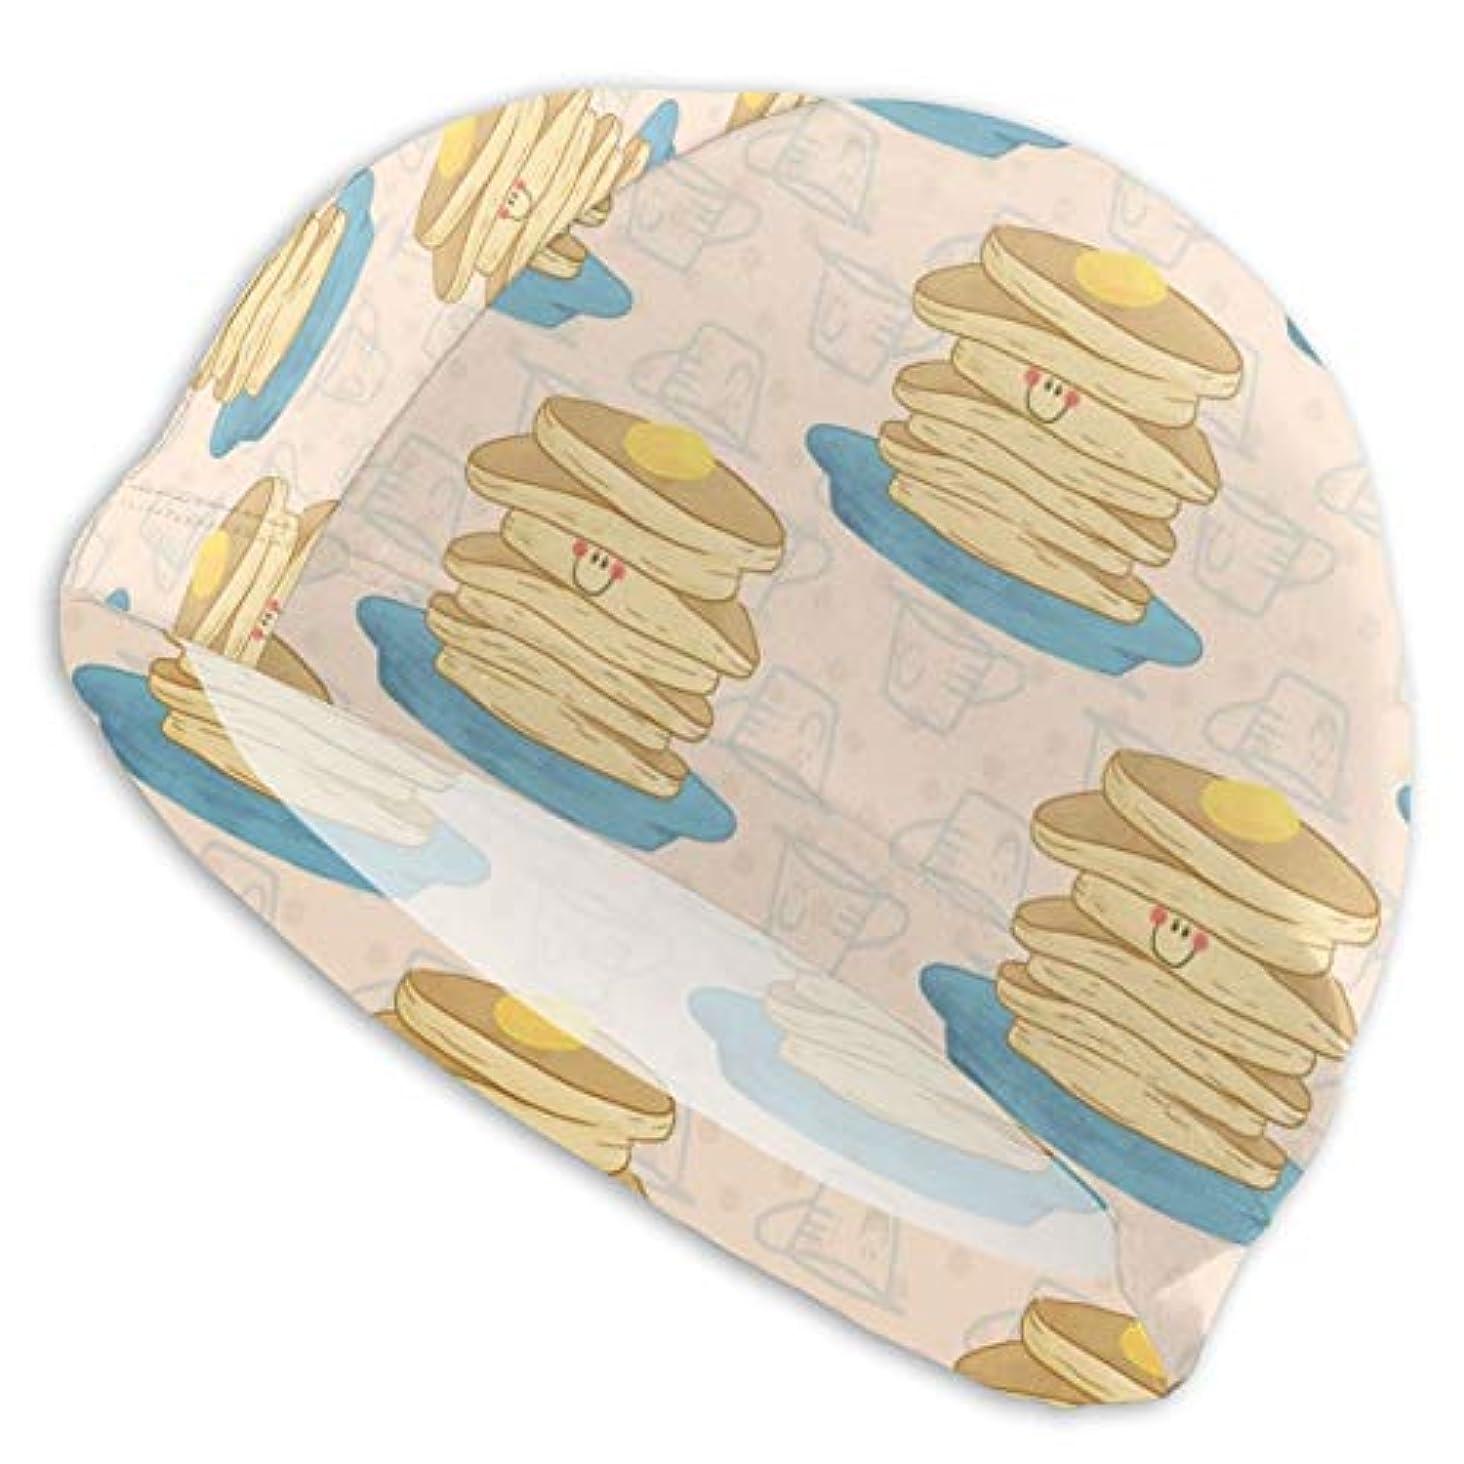 電気の体系的にマントハッピーパンケーキパターンスイムキャップ スイミングキャップ 水泳キャップ 競泳 水泳帽 メンズ レディース 兼用 ゆったりサイズ フリーサイズ(28-33cm)